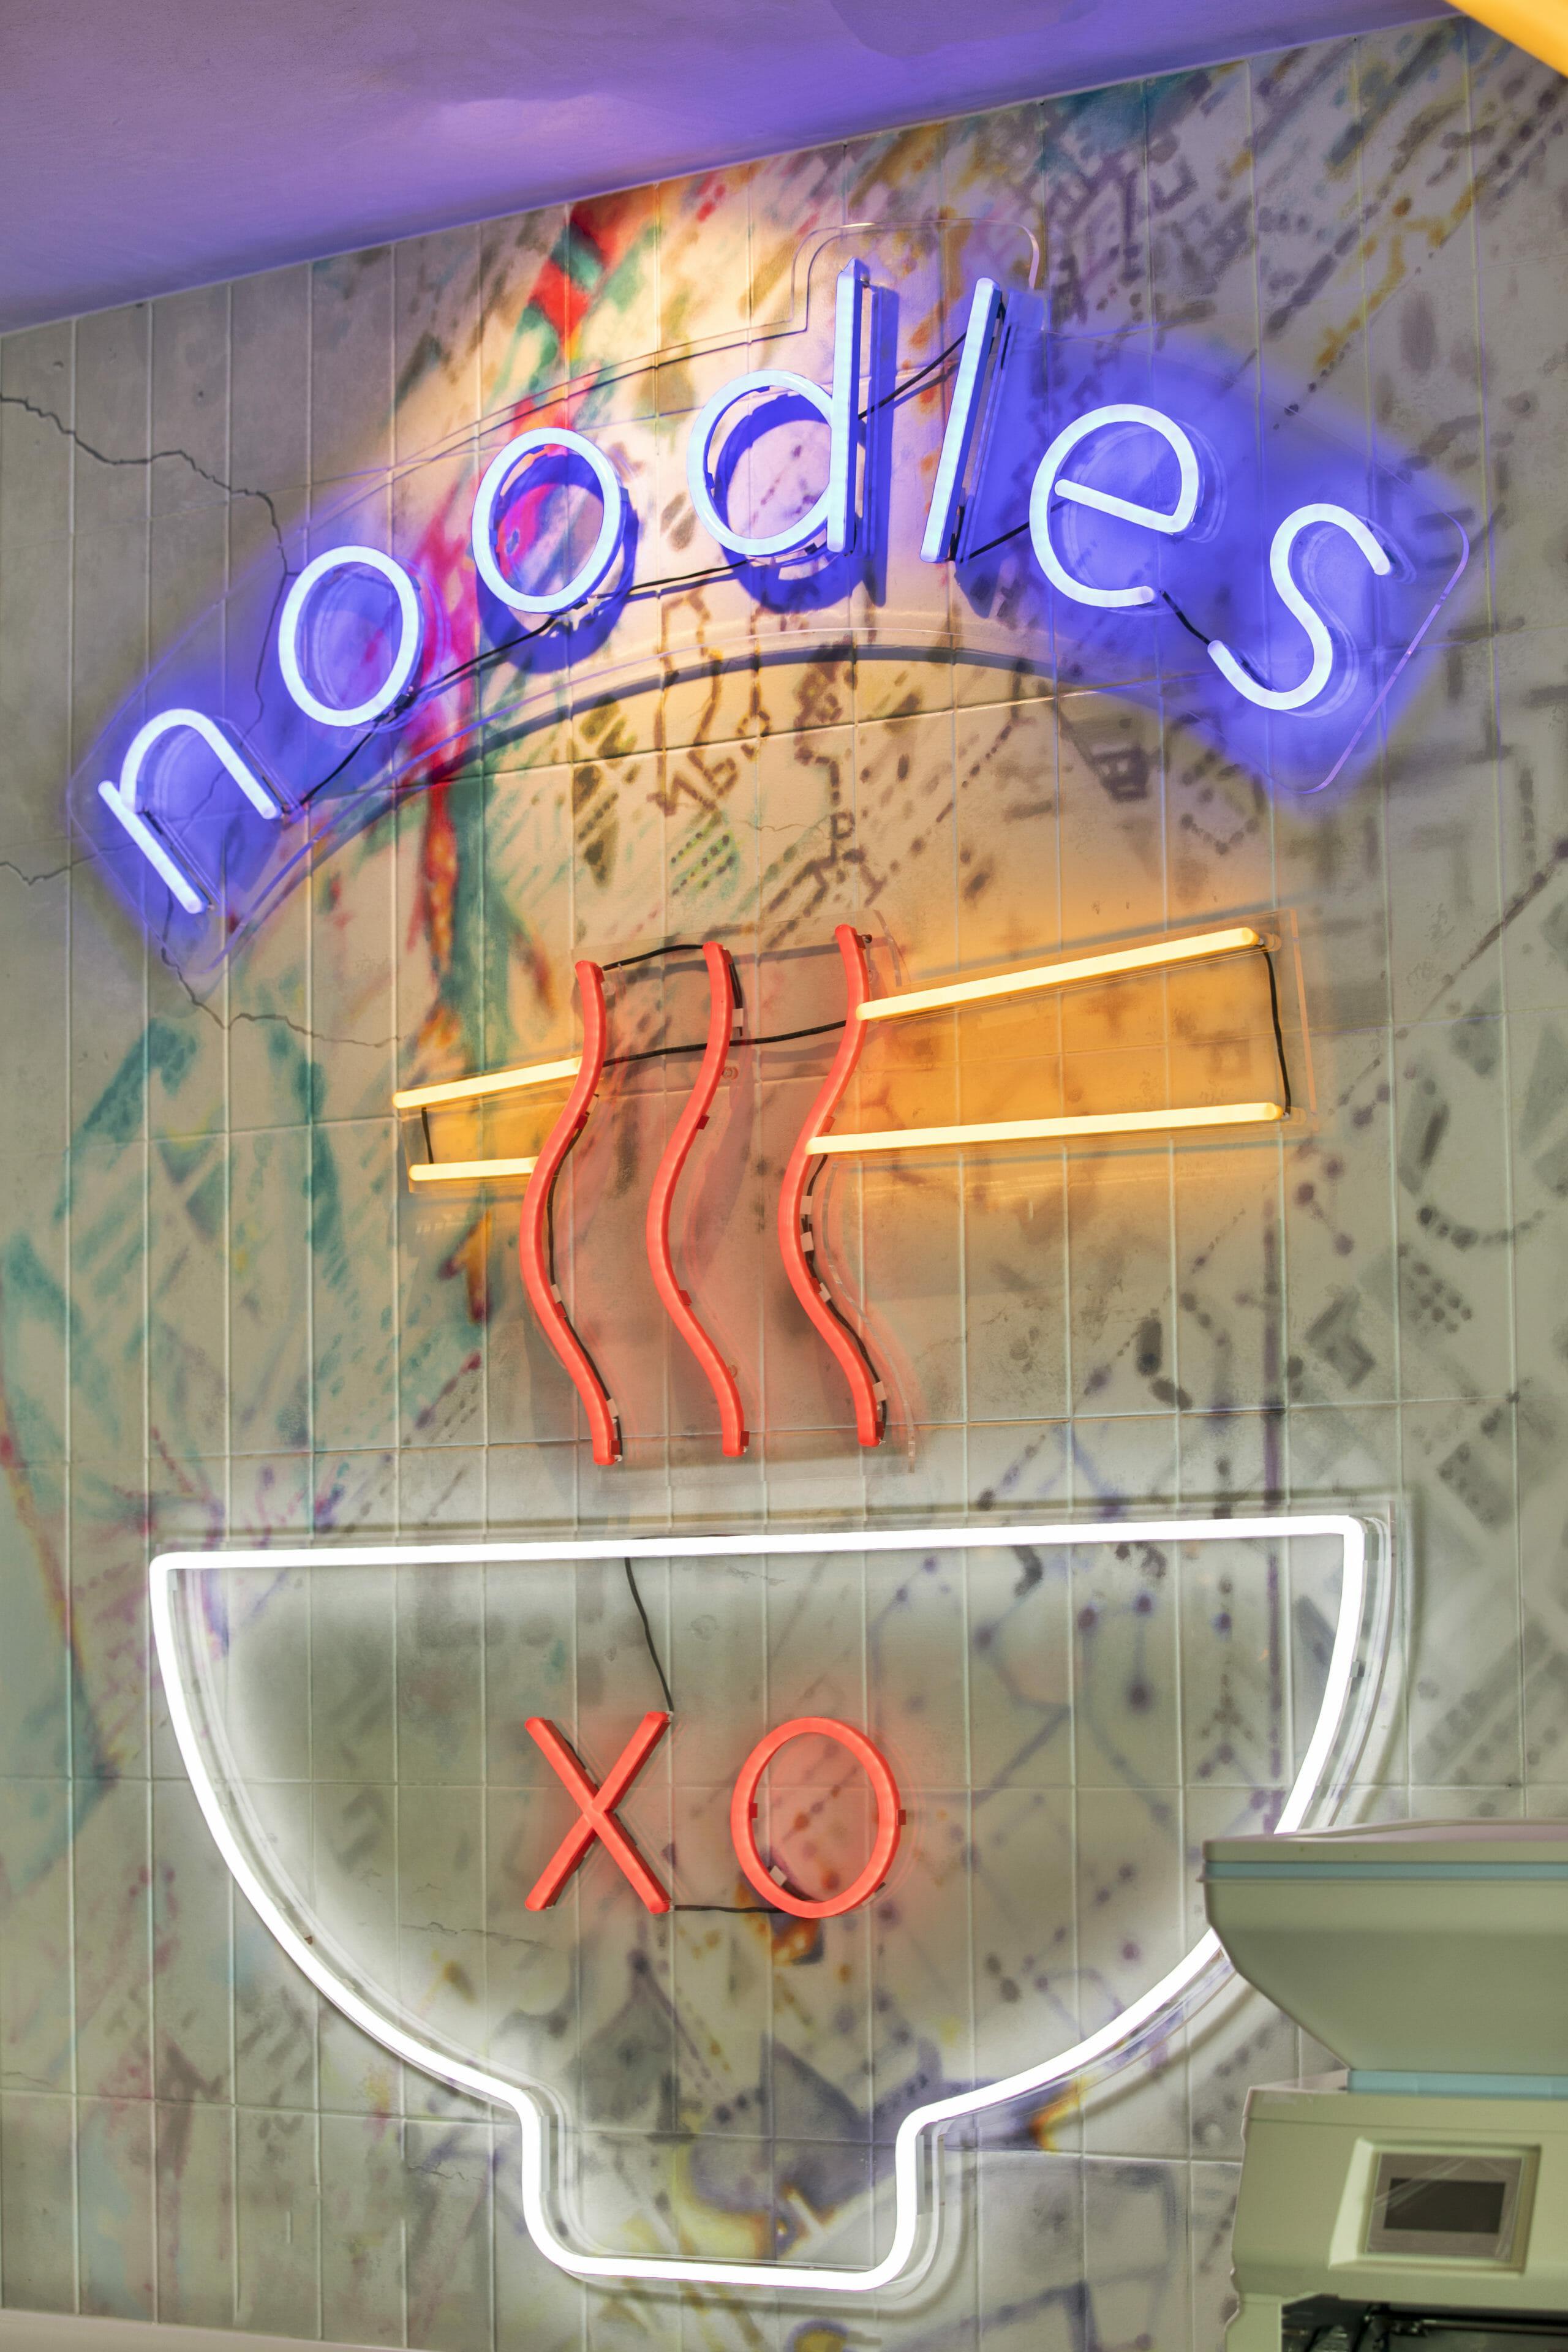 Noodles XO